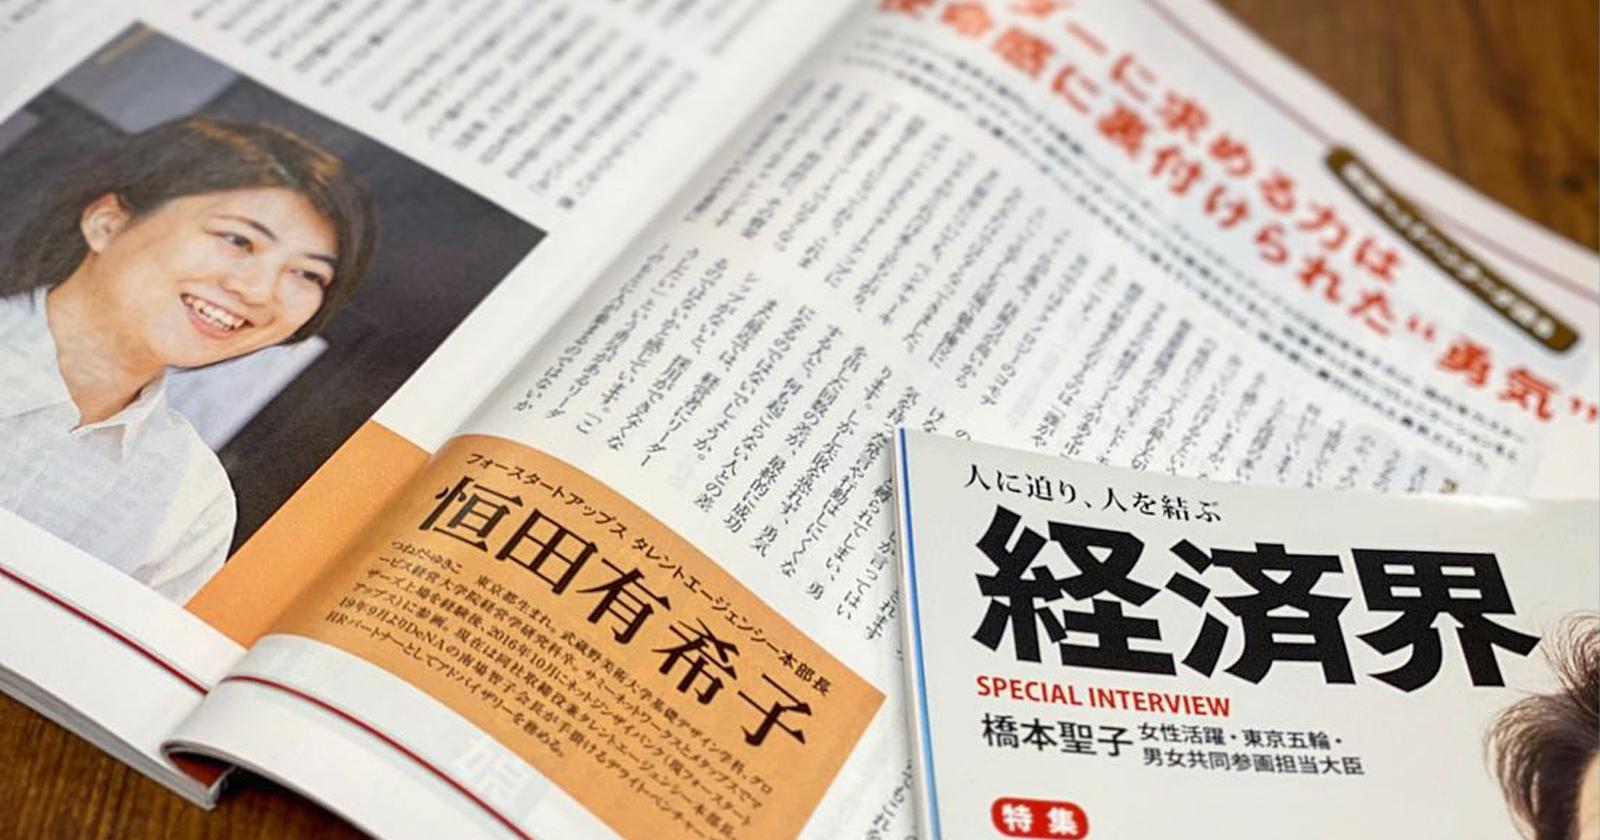 """2020年1月22日発売 『経済界』特集""""令和女史のリーダー哲学""""にて、当社トップヒューマンキャピタリスト恒田有希子のインタビュー記事が掲載されました。"""